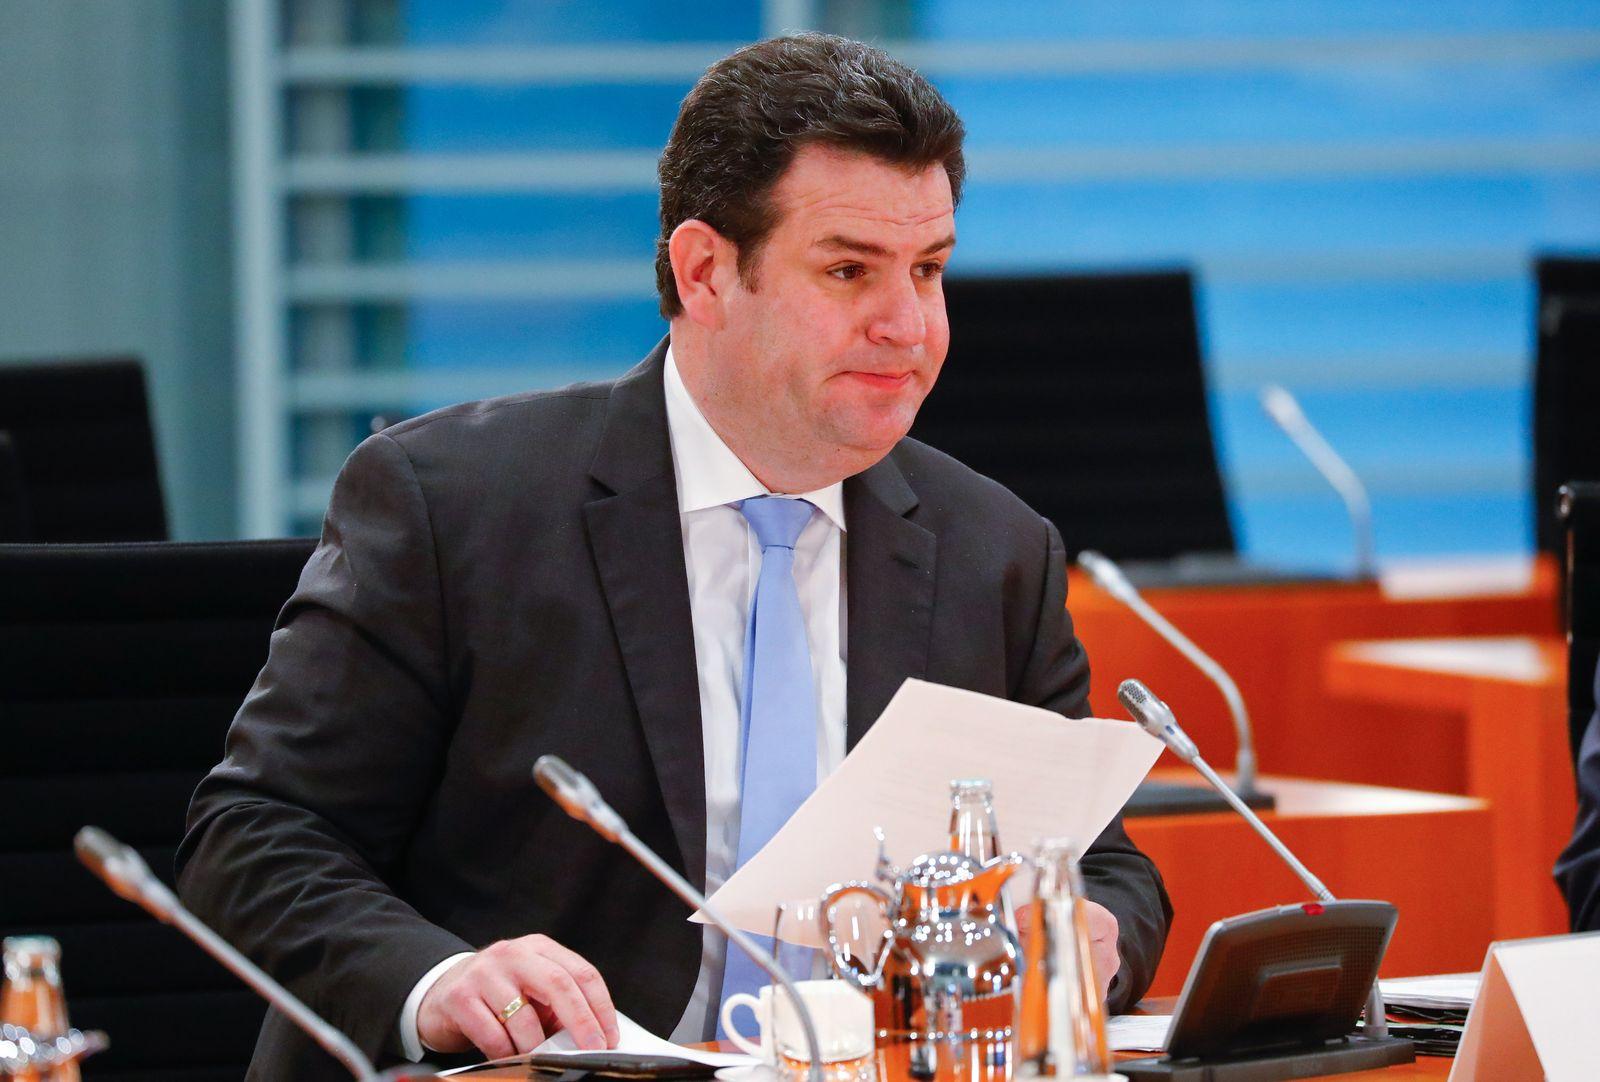 Bundesarbeitsminister Heil